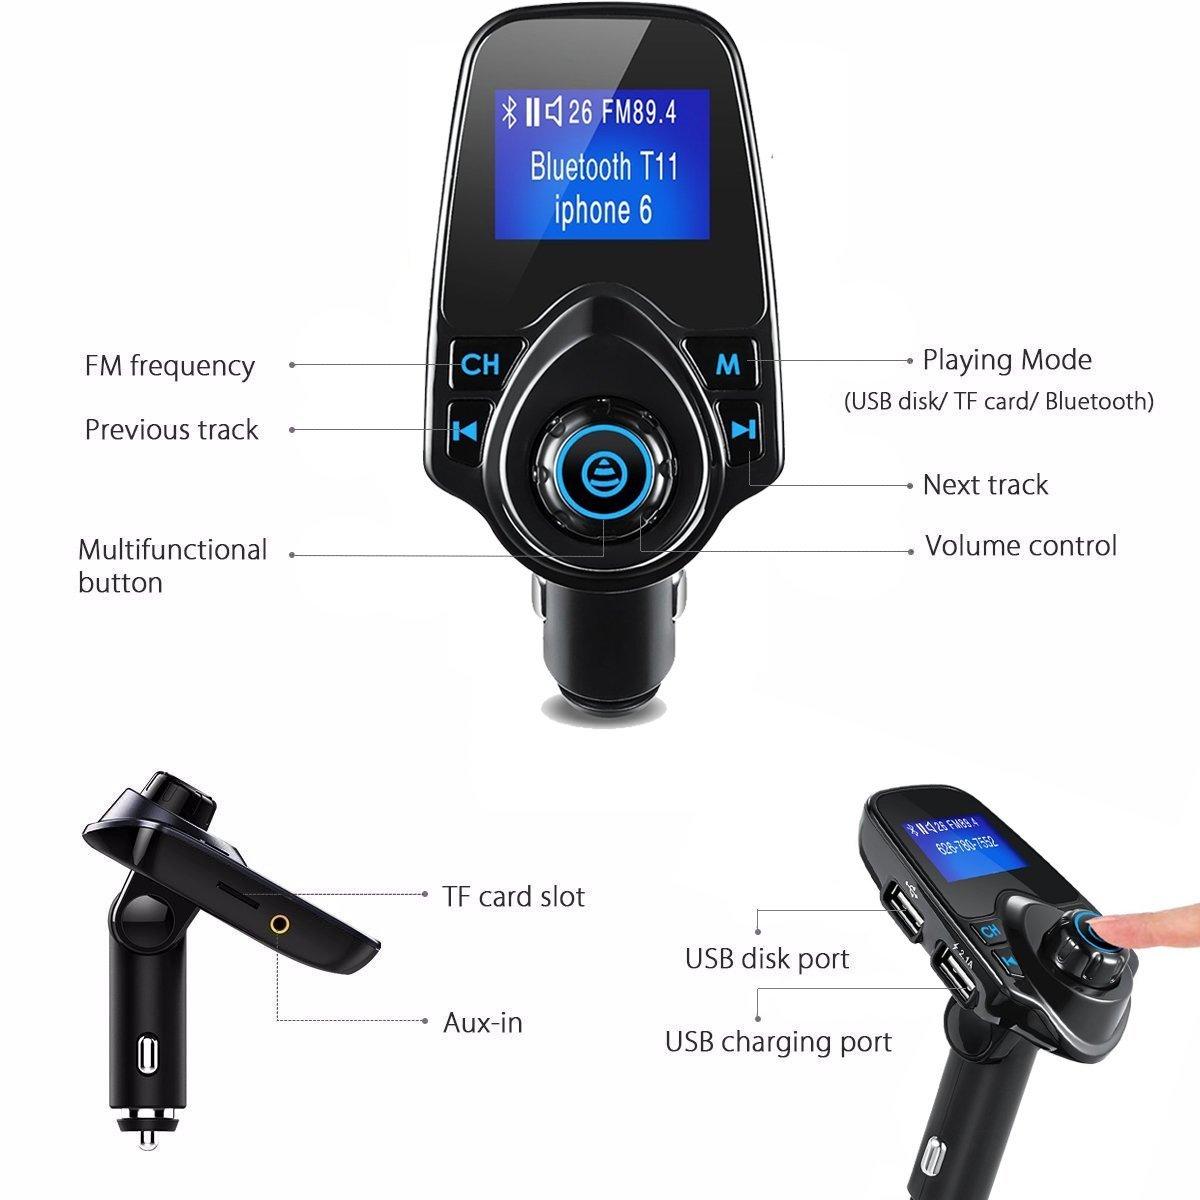 Manos Libres Bluetooth Transmisor FM Coche Mini Manos Libres Emisor Radio Adaptador Radio Musica Receptor Altavoz Bluetooth Coche FM Reproductor de MP3 Transmisor 5V//2.1A USB Bluetooth